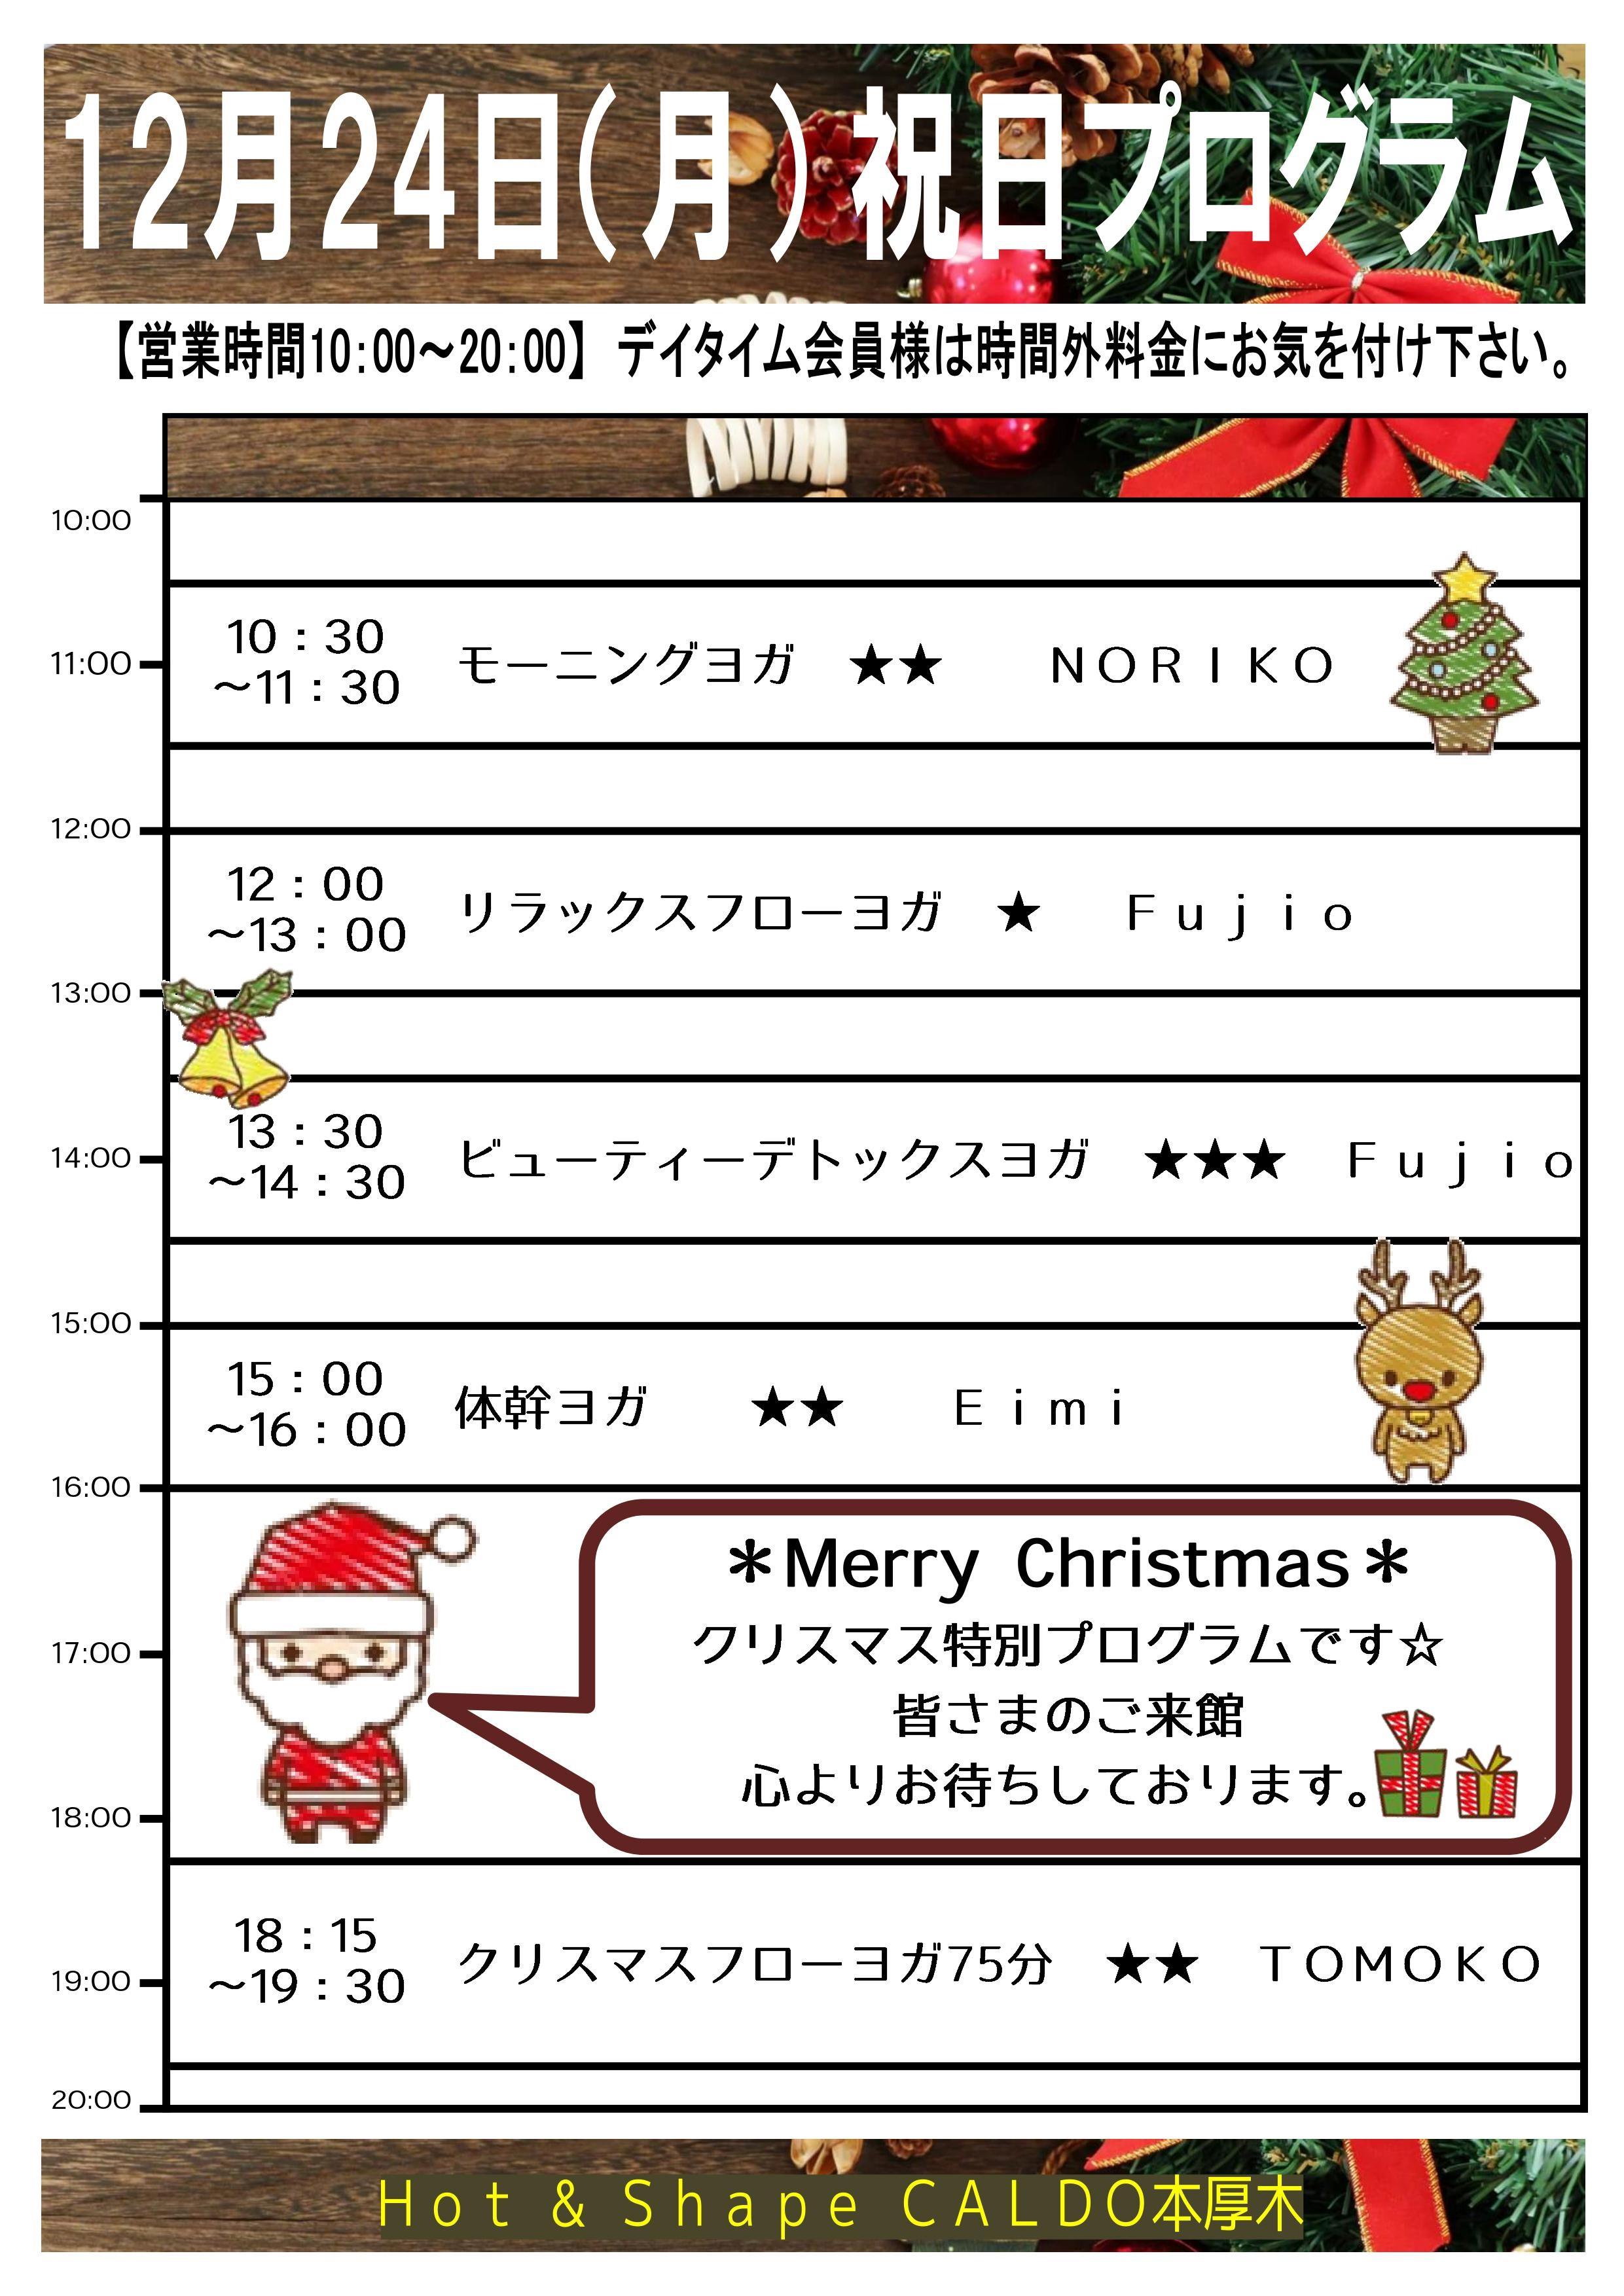 12月24日(振替休日)